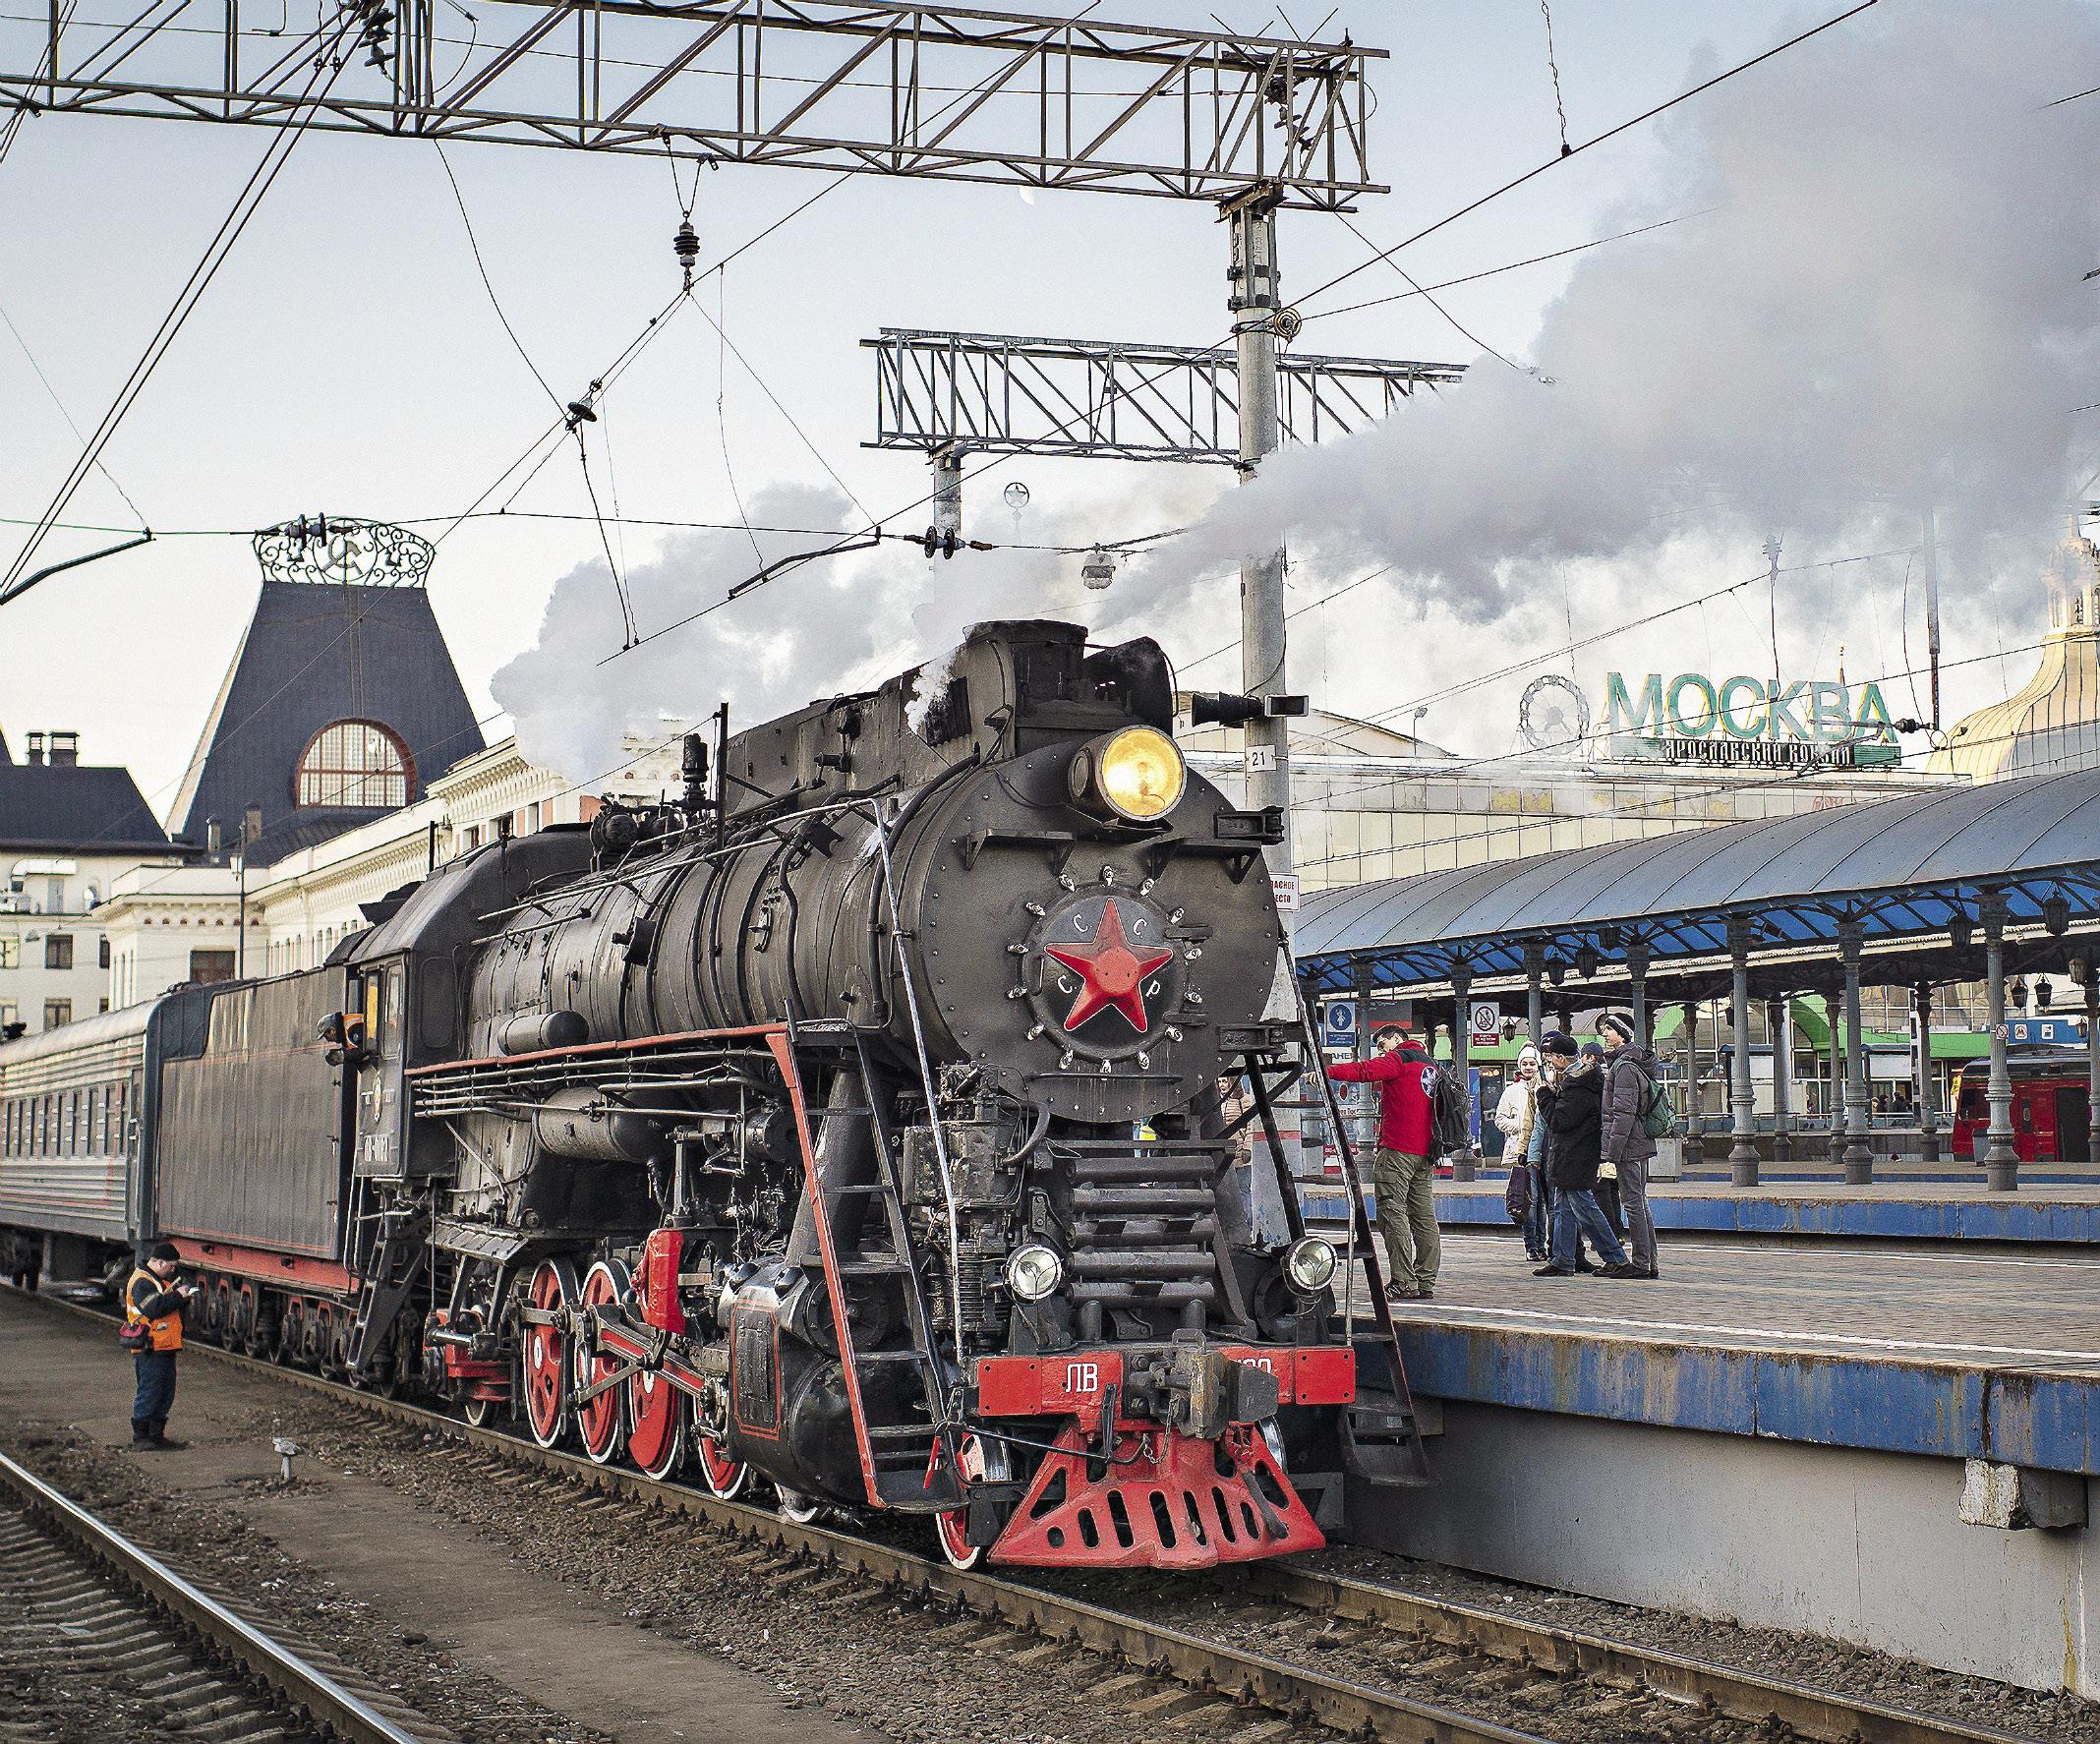 Паровоз из прошлого на Ярославском вокзале развлекал отъезжающих. Ярославская область